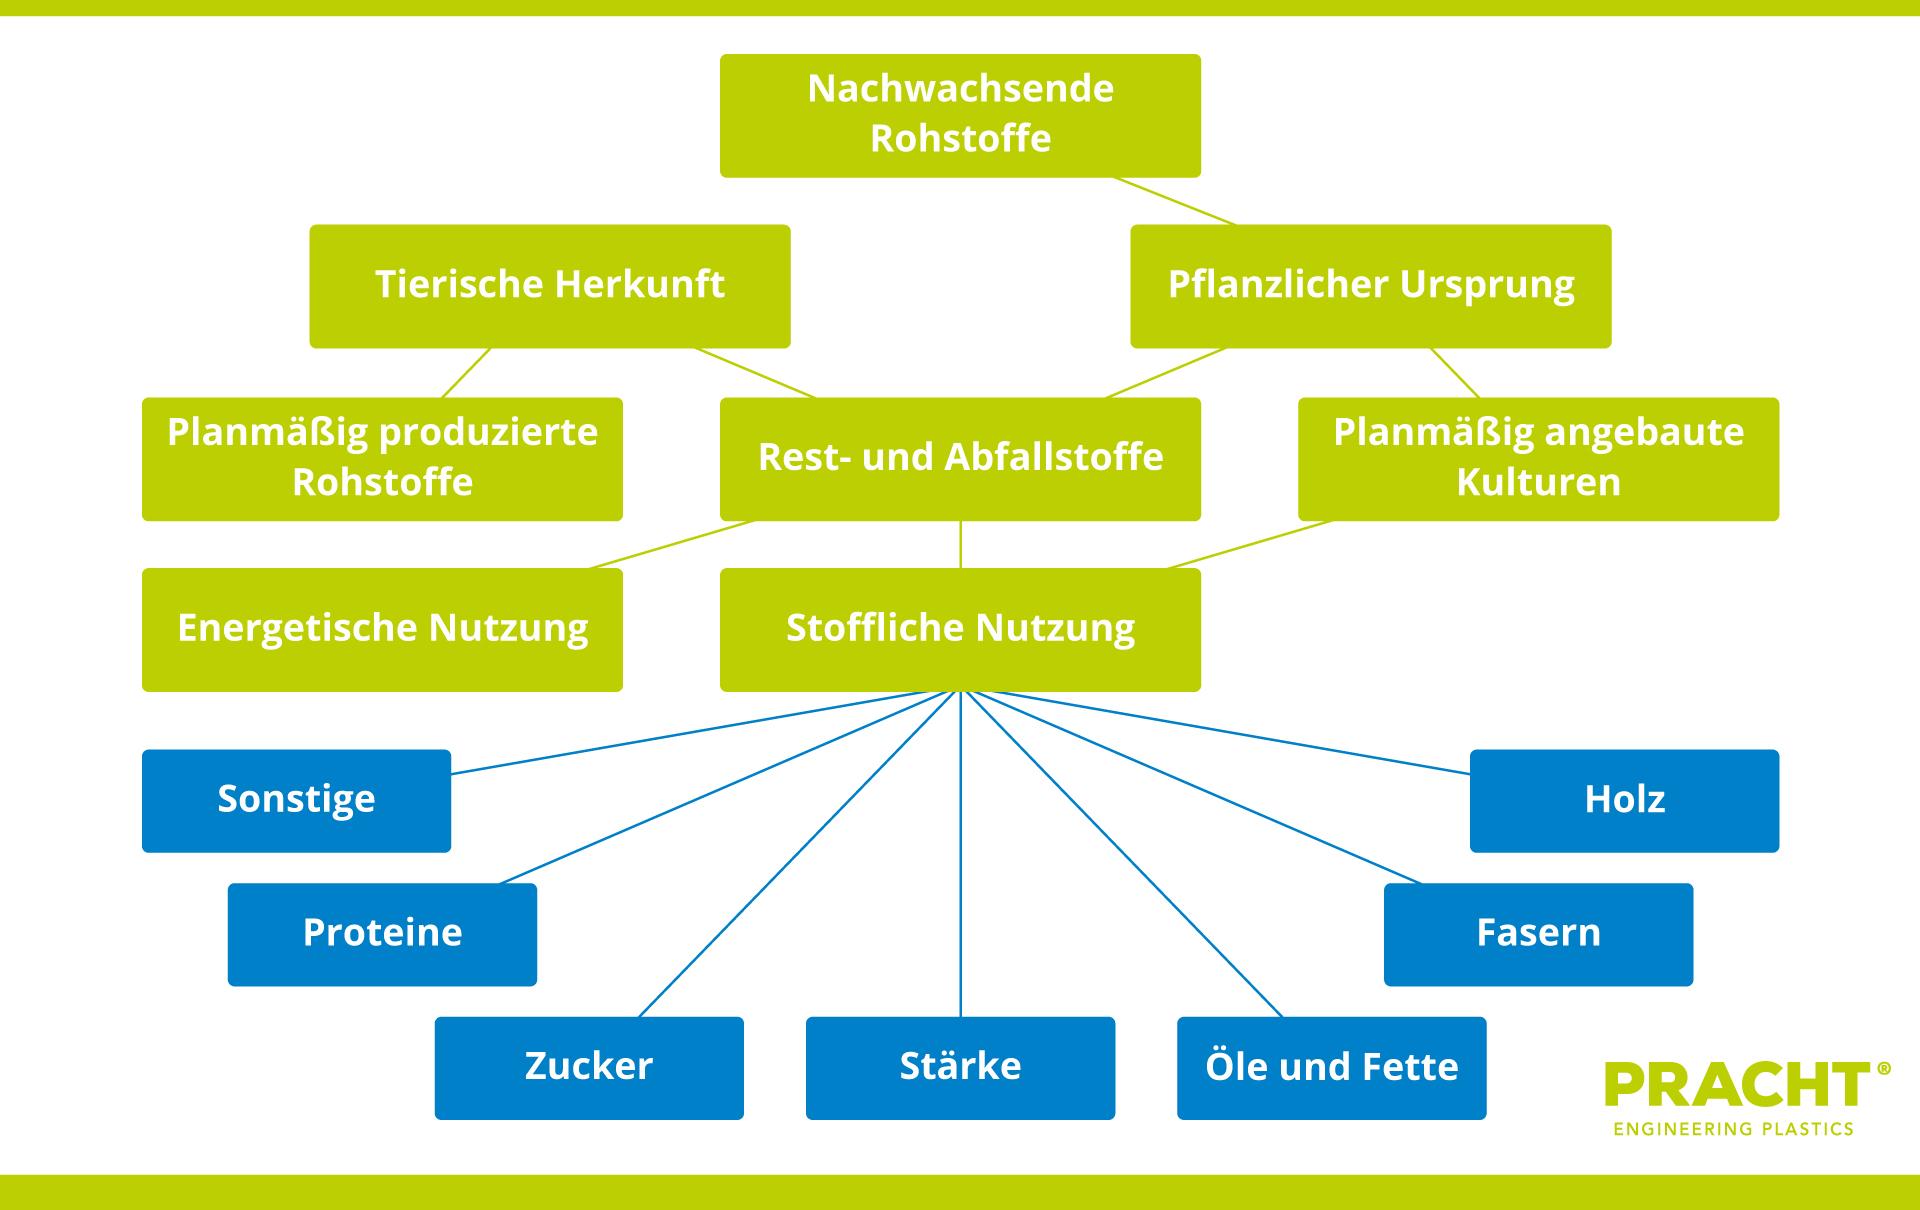 Abbildung 1: Nutzung von nachwachsenden Rohstoffen. Erschließung alternativer Stoffe für Polymerproduktion